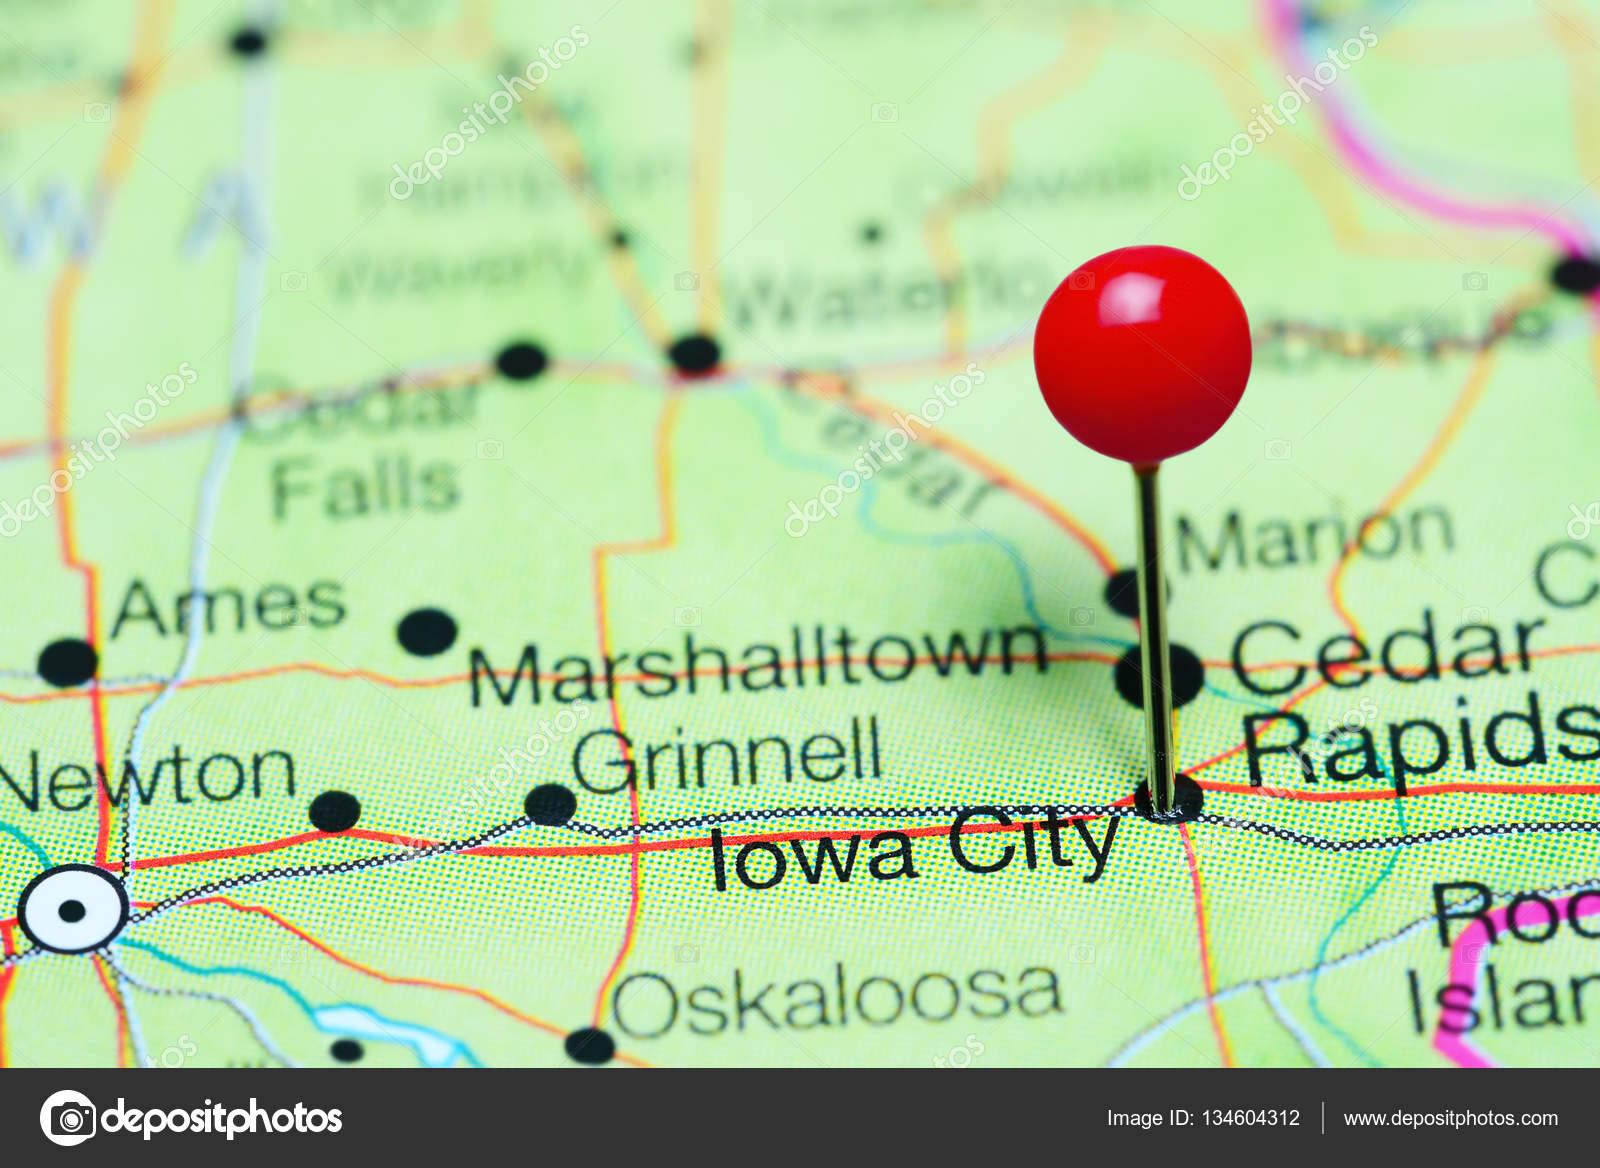 Fotos de Iowa City en un mapa de Iowa, Estados Unidos